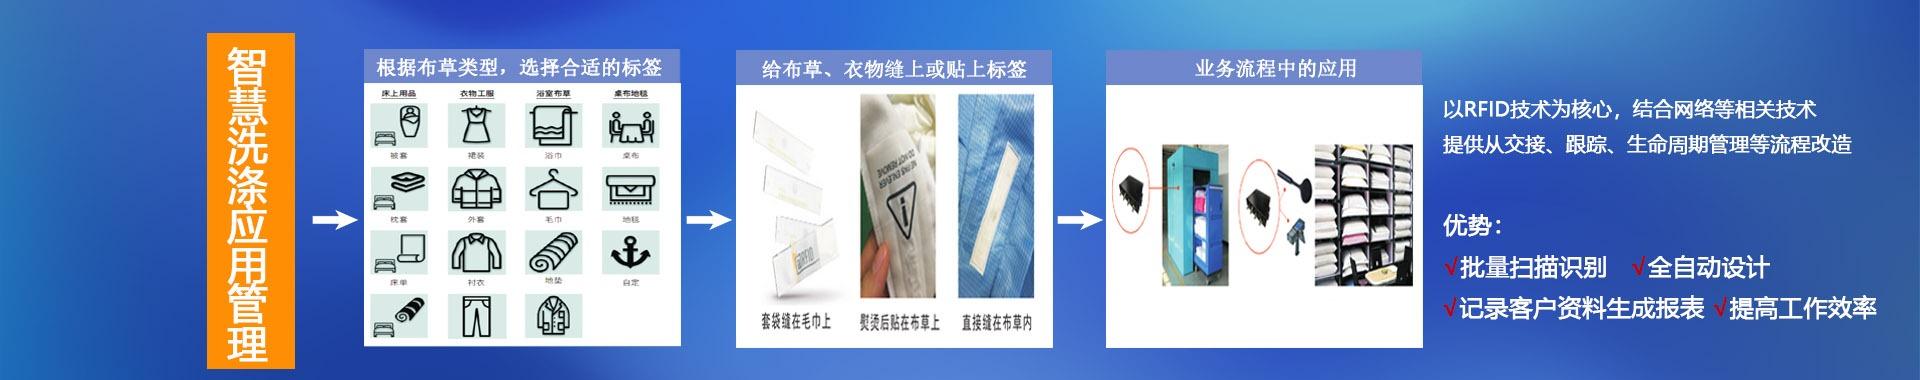 RFID智慧仓储|智能制造,智慧档案,智慧洗涤方案提供商-深圳铨顺宏